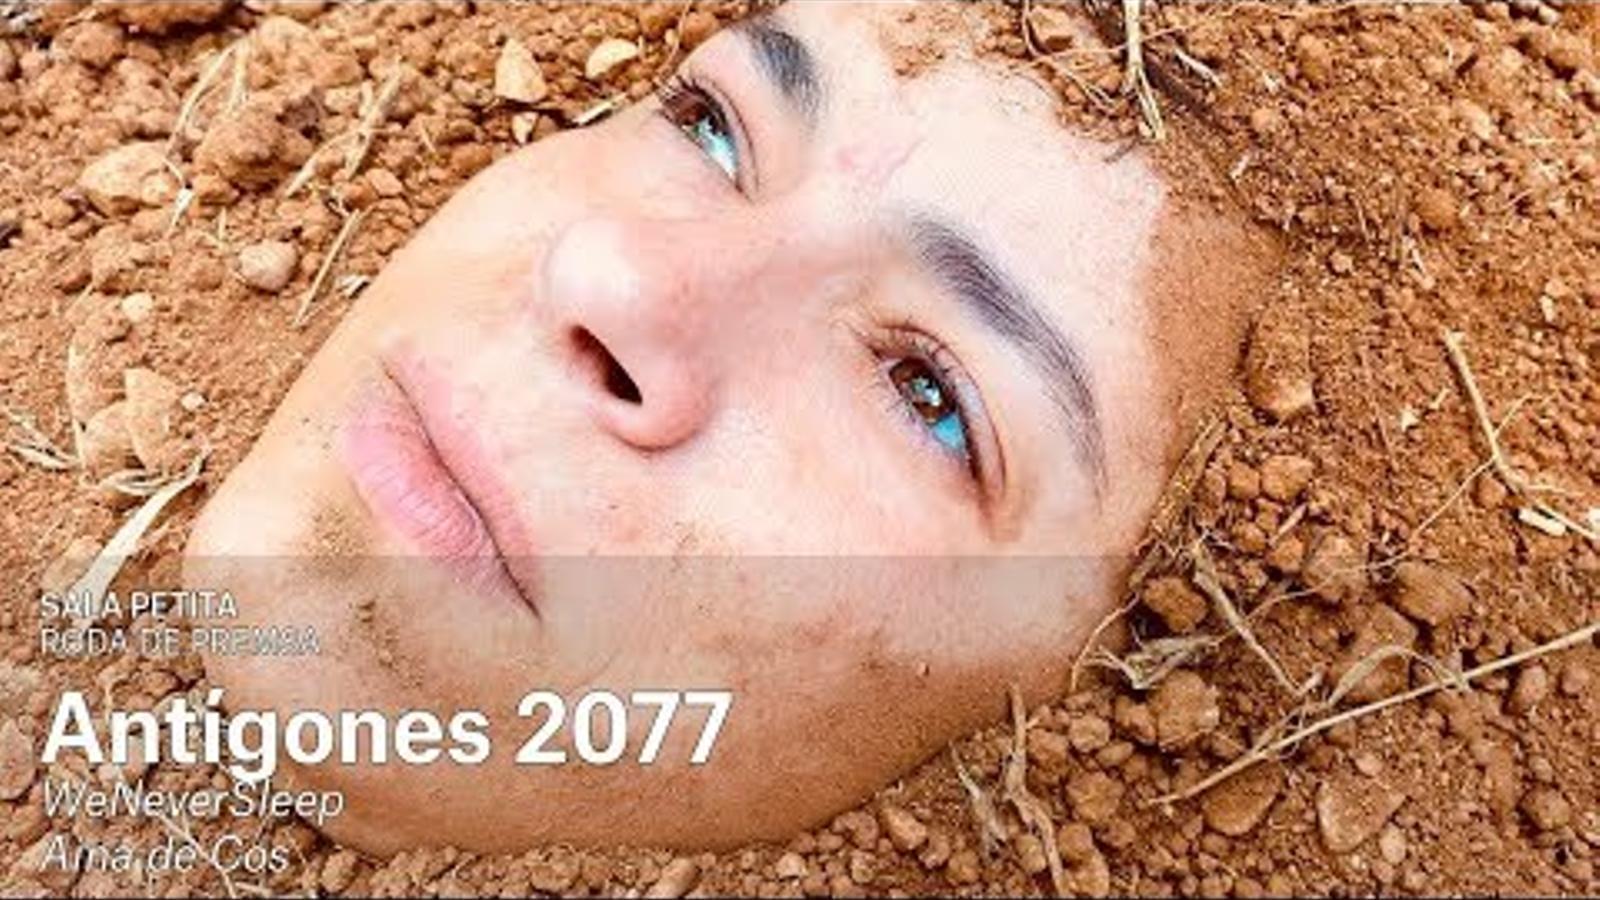 Presentació d''Antígones 2077' al teatre Principal de Palma